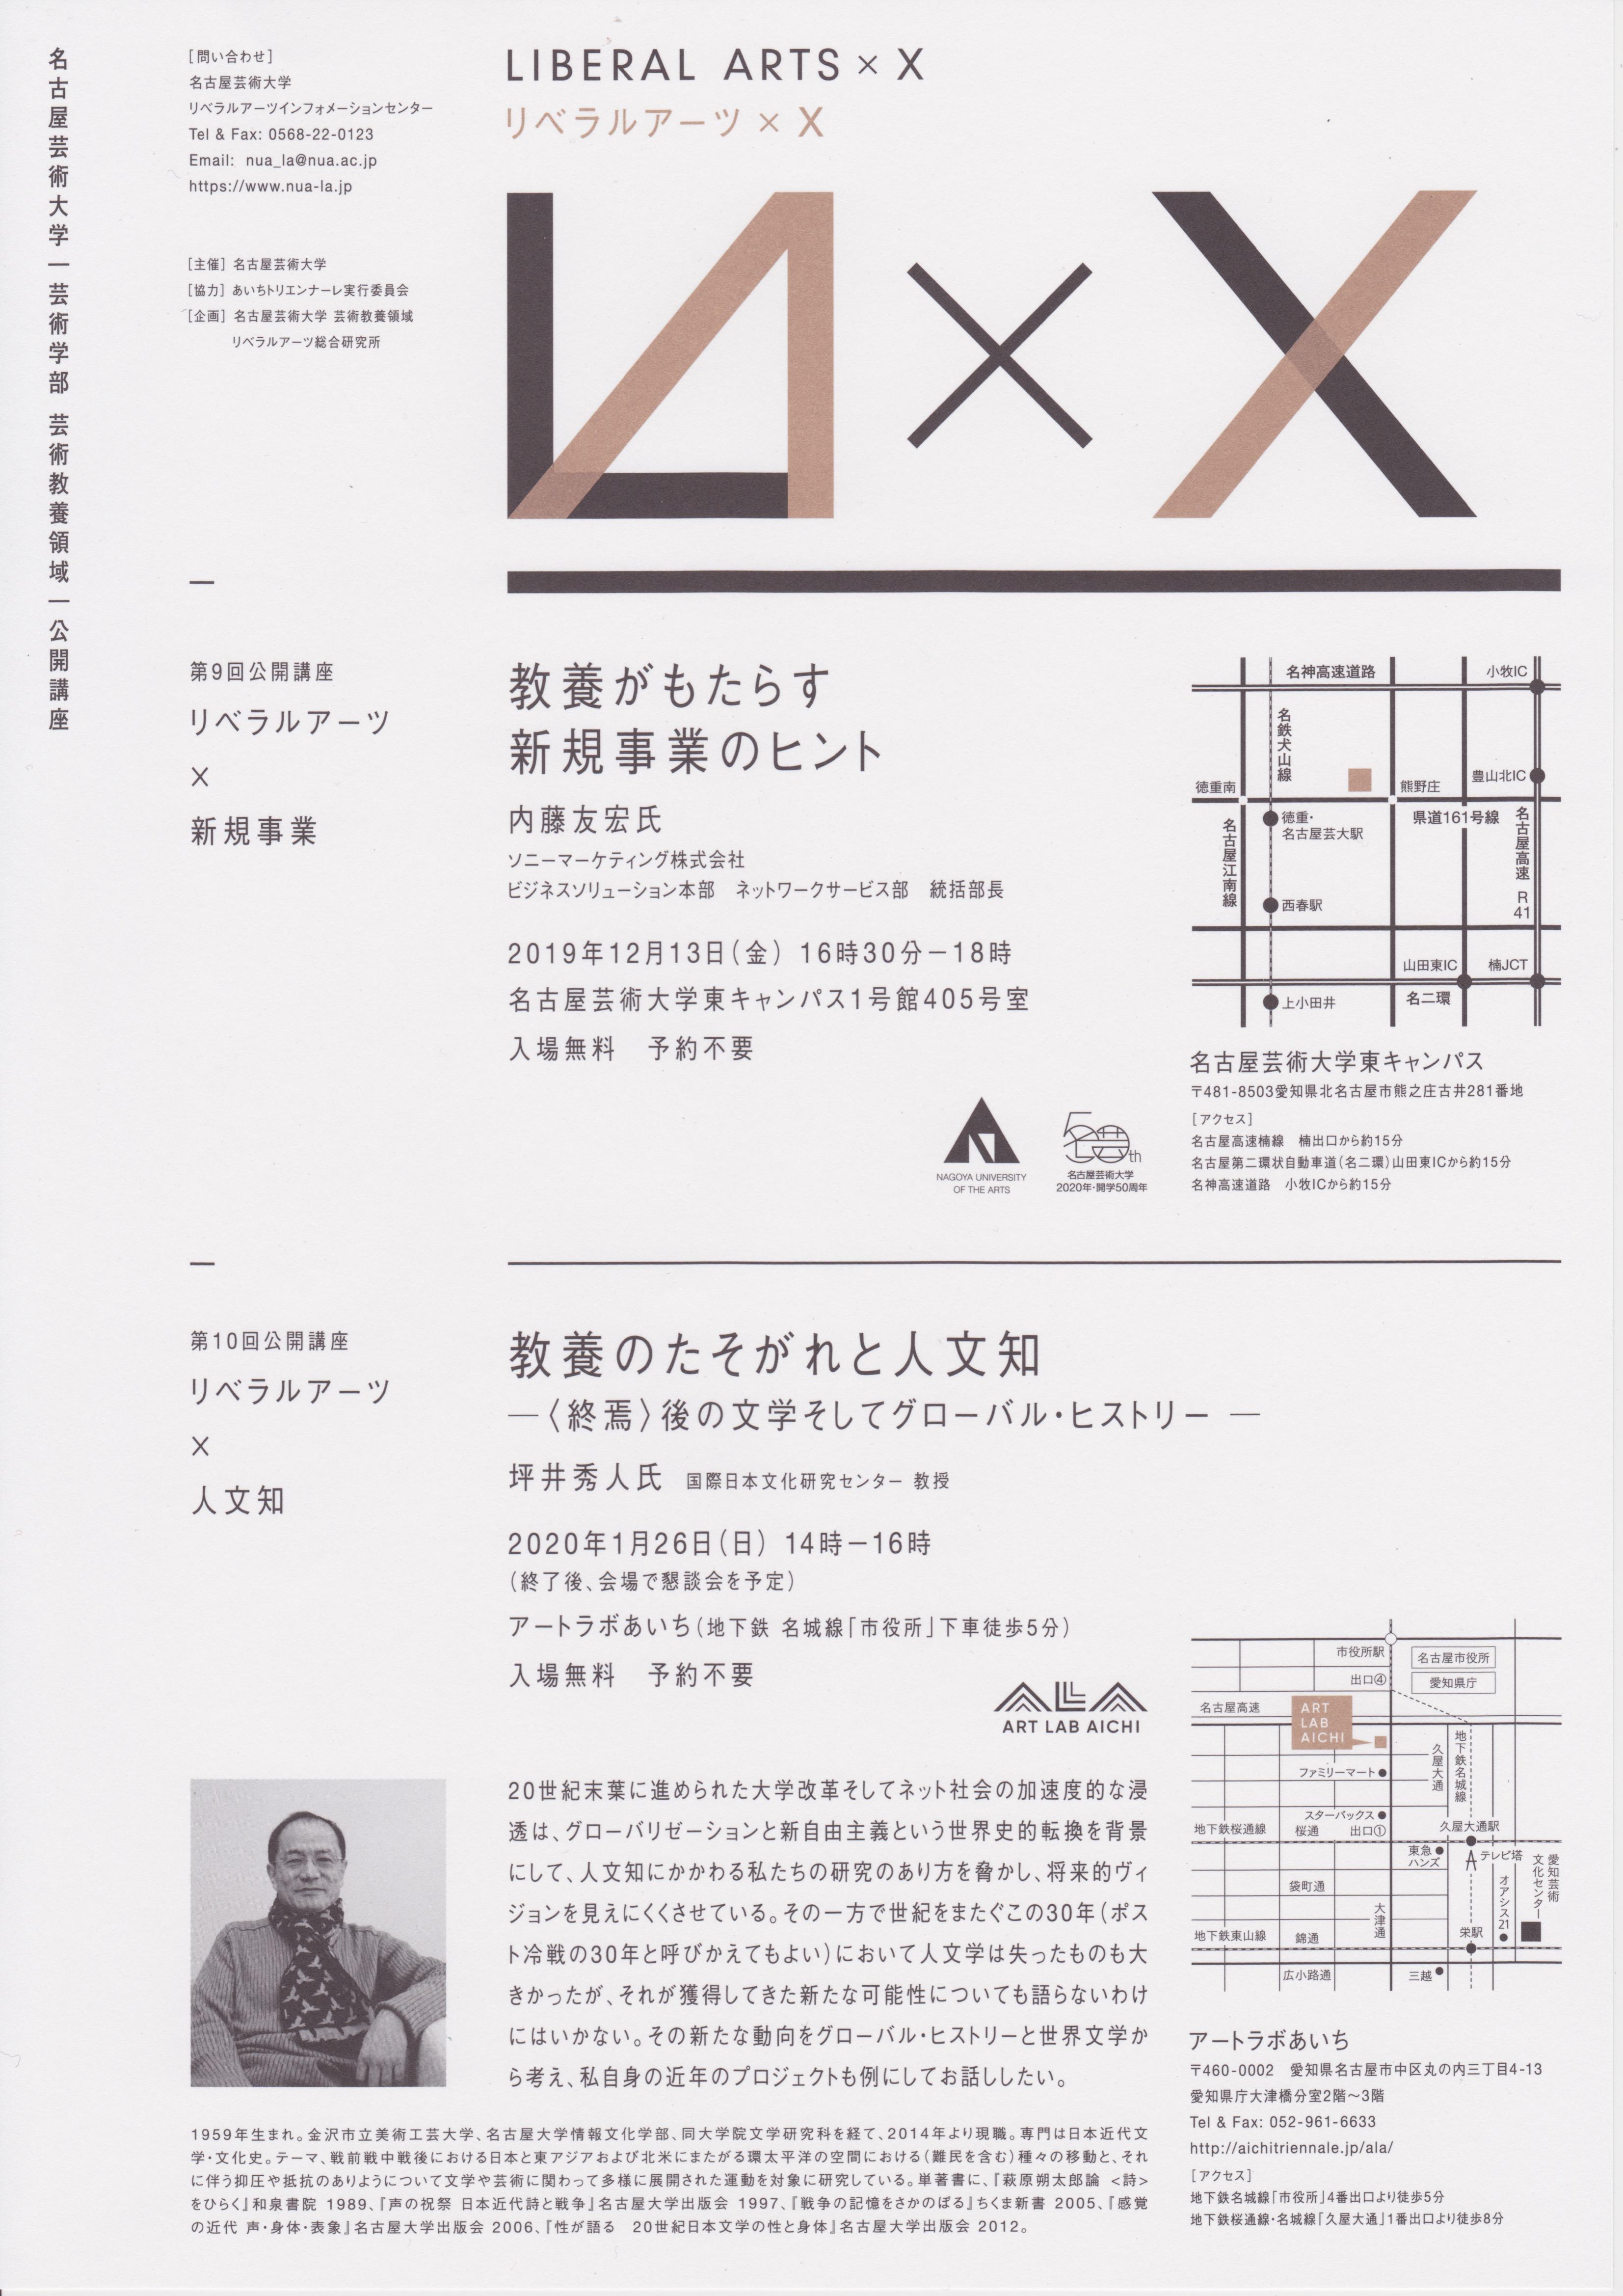 名芸リベラルアーツ.jpegのサムネイル画像